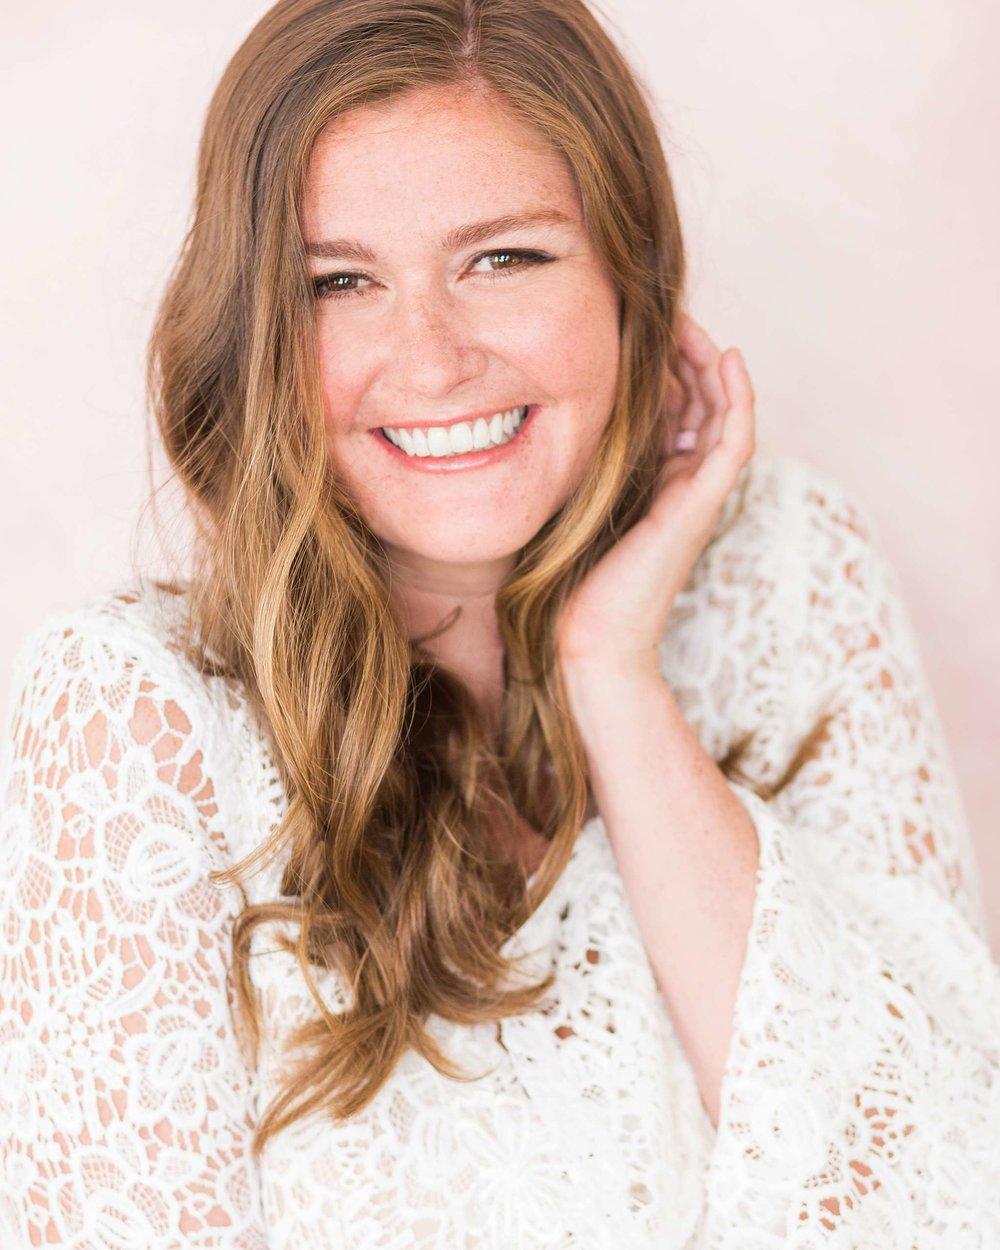 Amber-Nicole-Portrait-Jacksonville-Florida_0558.jpg